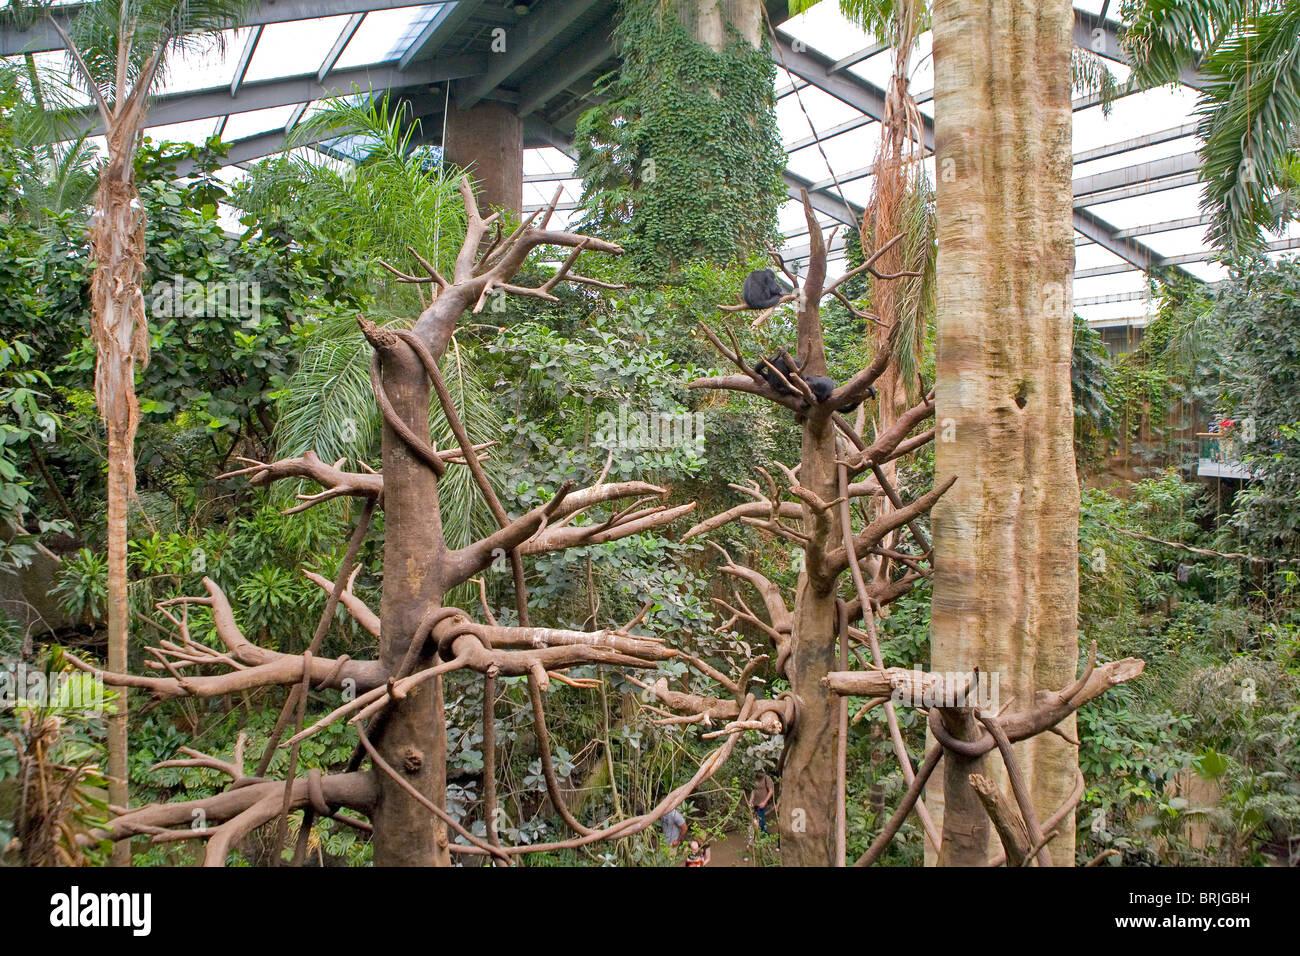 Henry Doorly Zoo - mintió Jungle Imagen De Stock